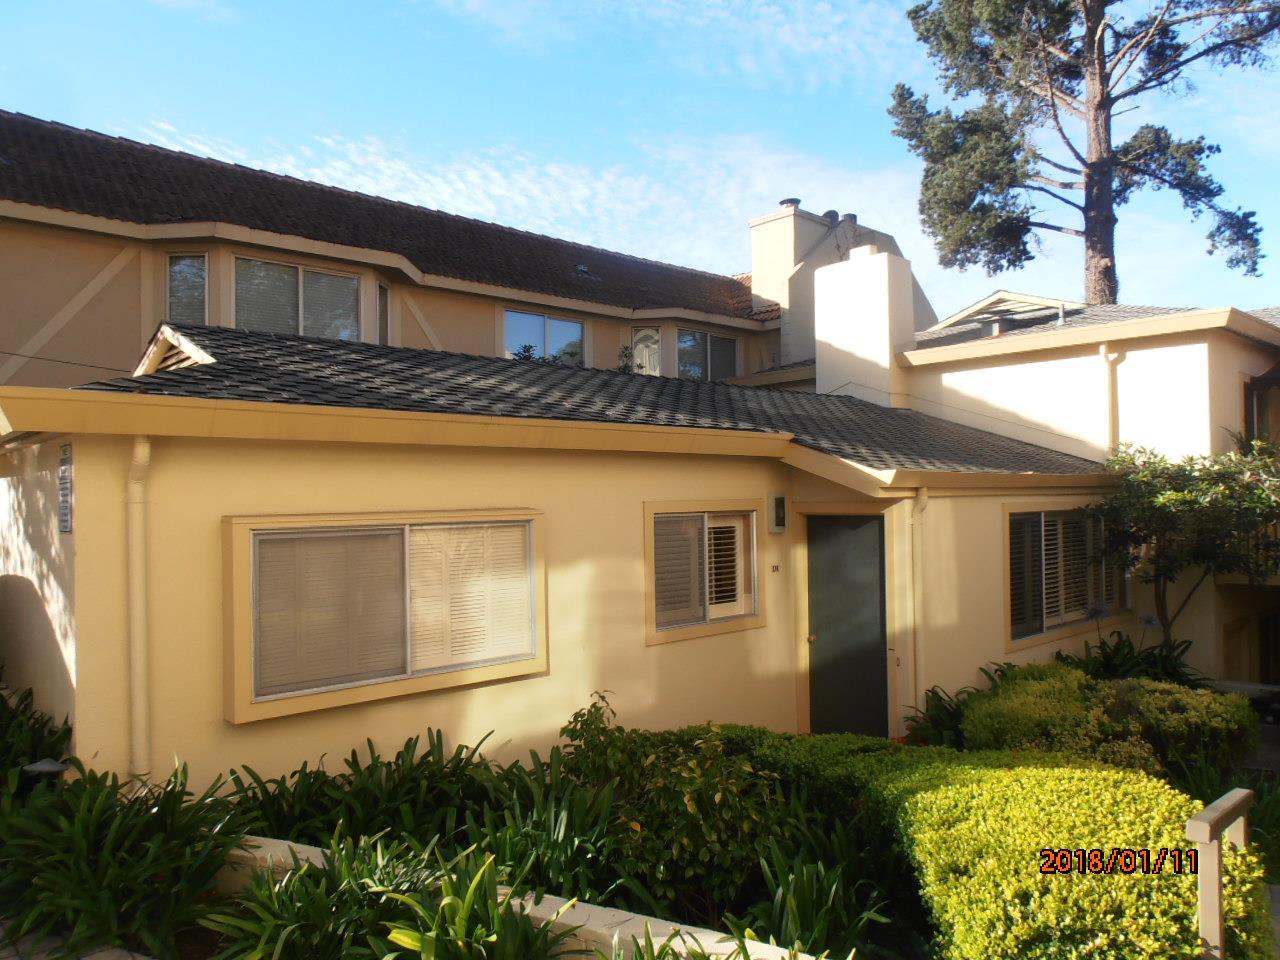 شقة بعمارة للـ Sale في 3 SW Corner Mission and 3rd 3 SW Corner Mission and 3rd Carmel, California 93921 United States